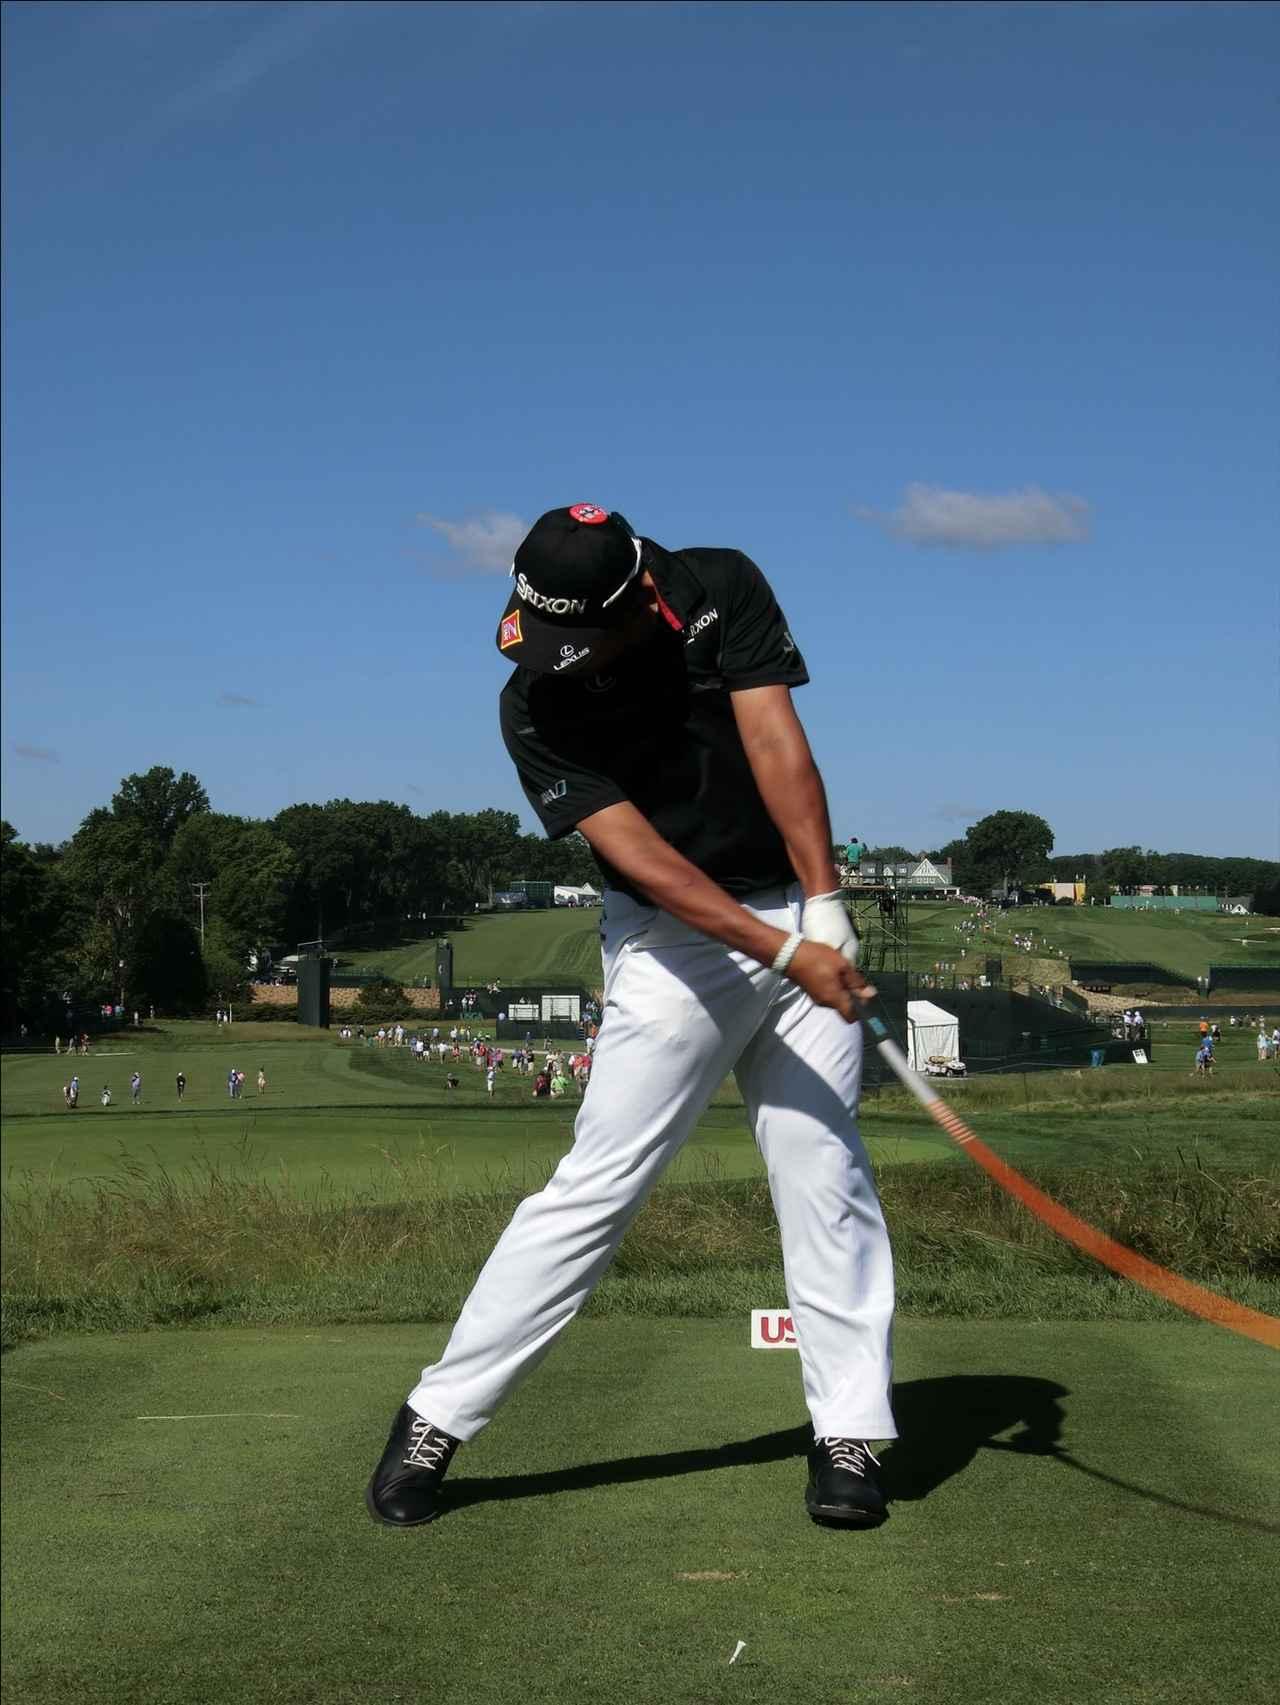 画像7: PGAの主役を小平智がスウィング解説「松山英樹のトップがイチ押し」